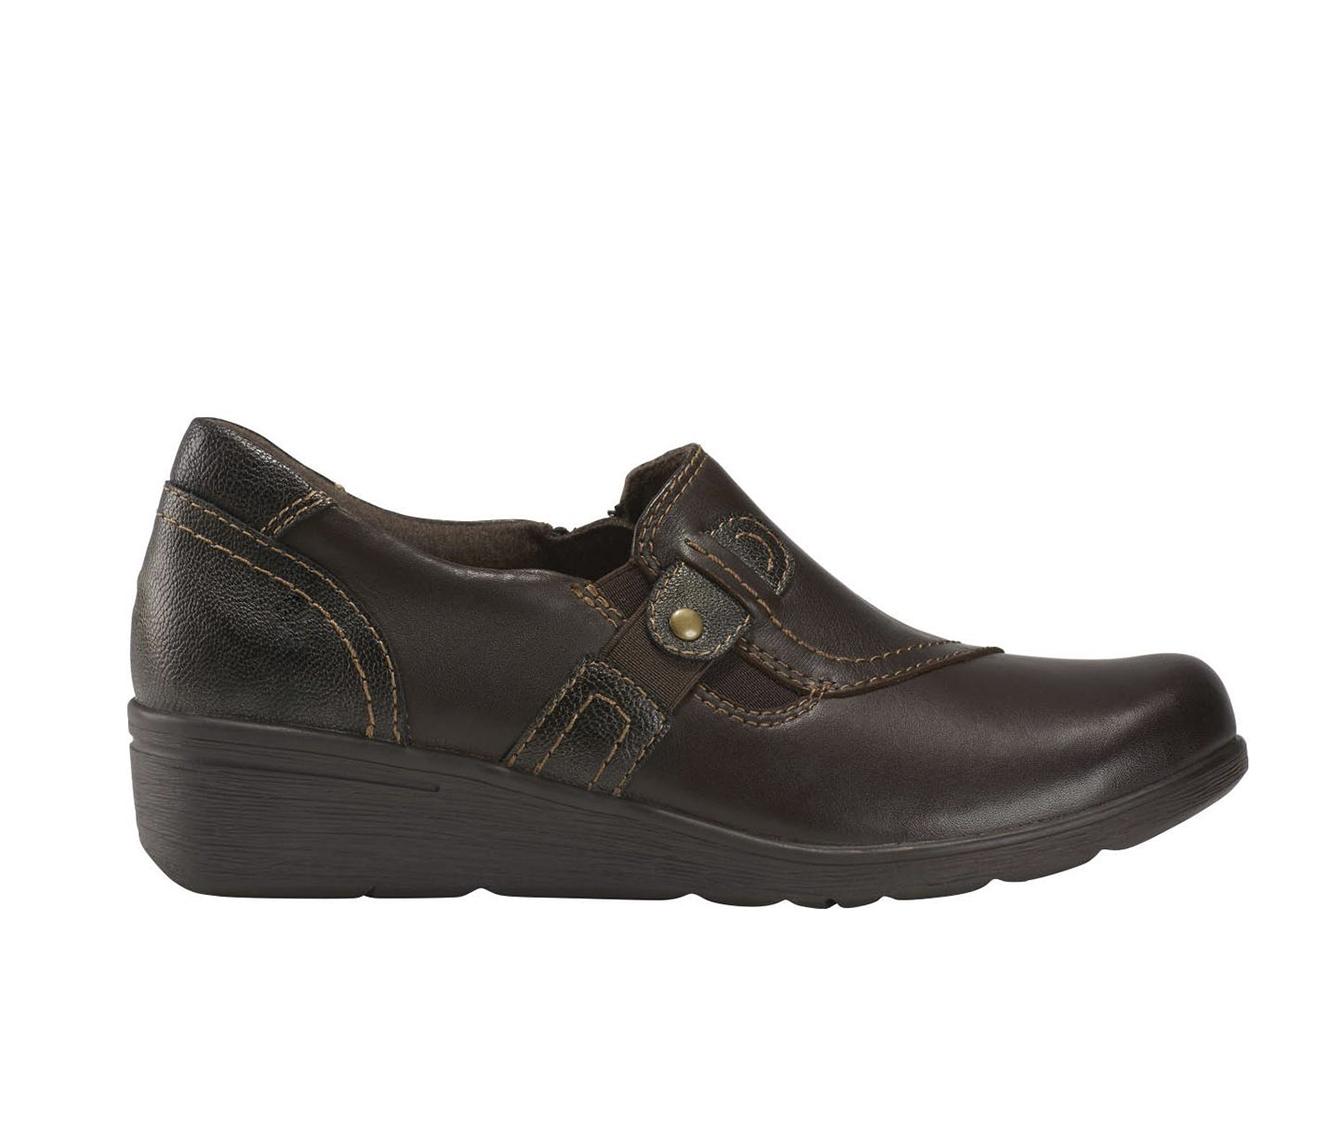 Earth Origins Jane Zena Women's Shoe (Brown Leather)